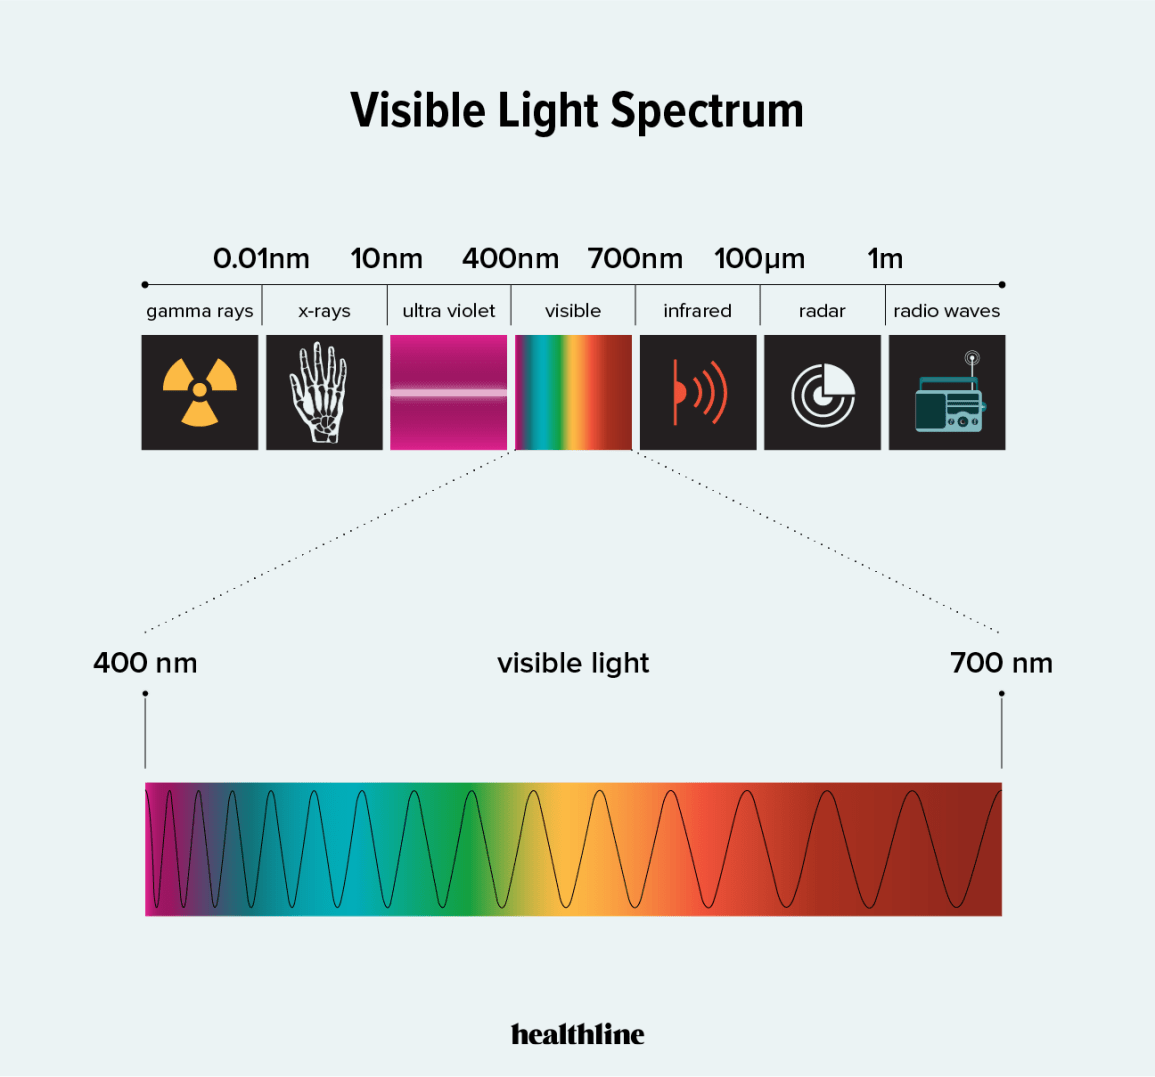 blaues Licht, Licht, Vision, Lichtspektrum, Auge, was ist blaues Licht